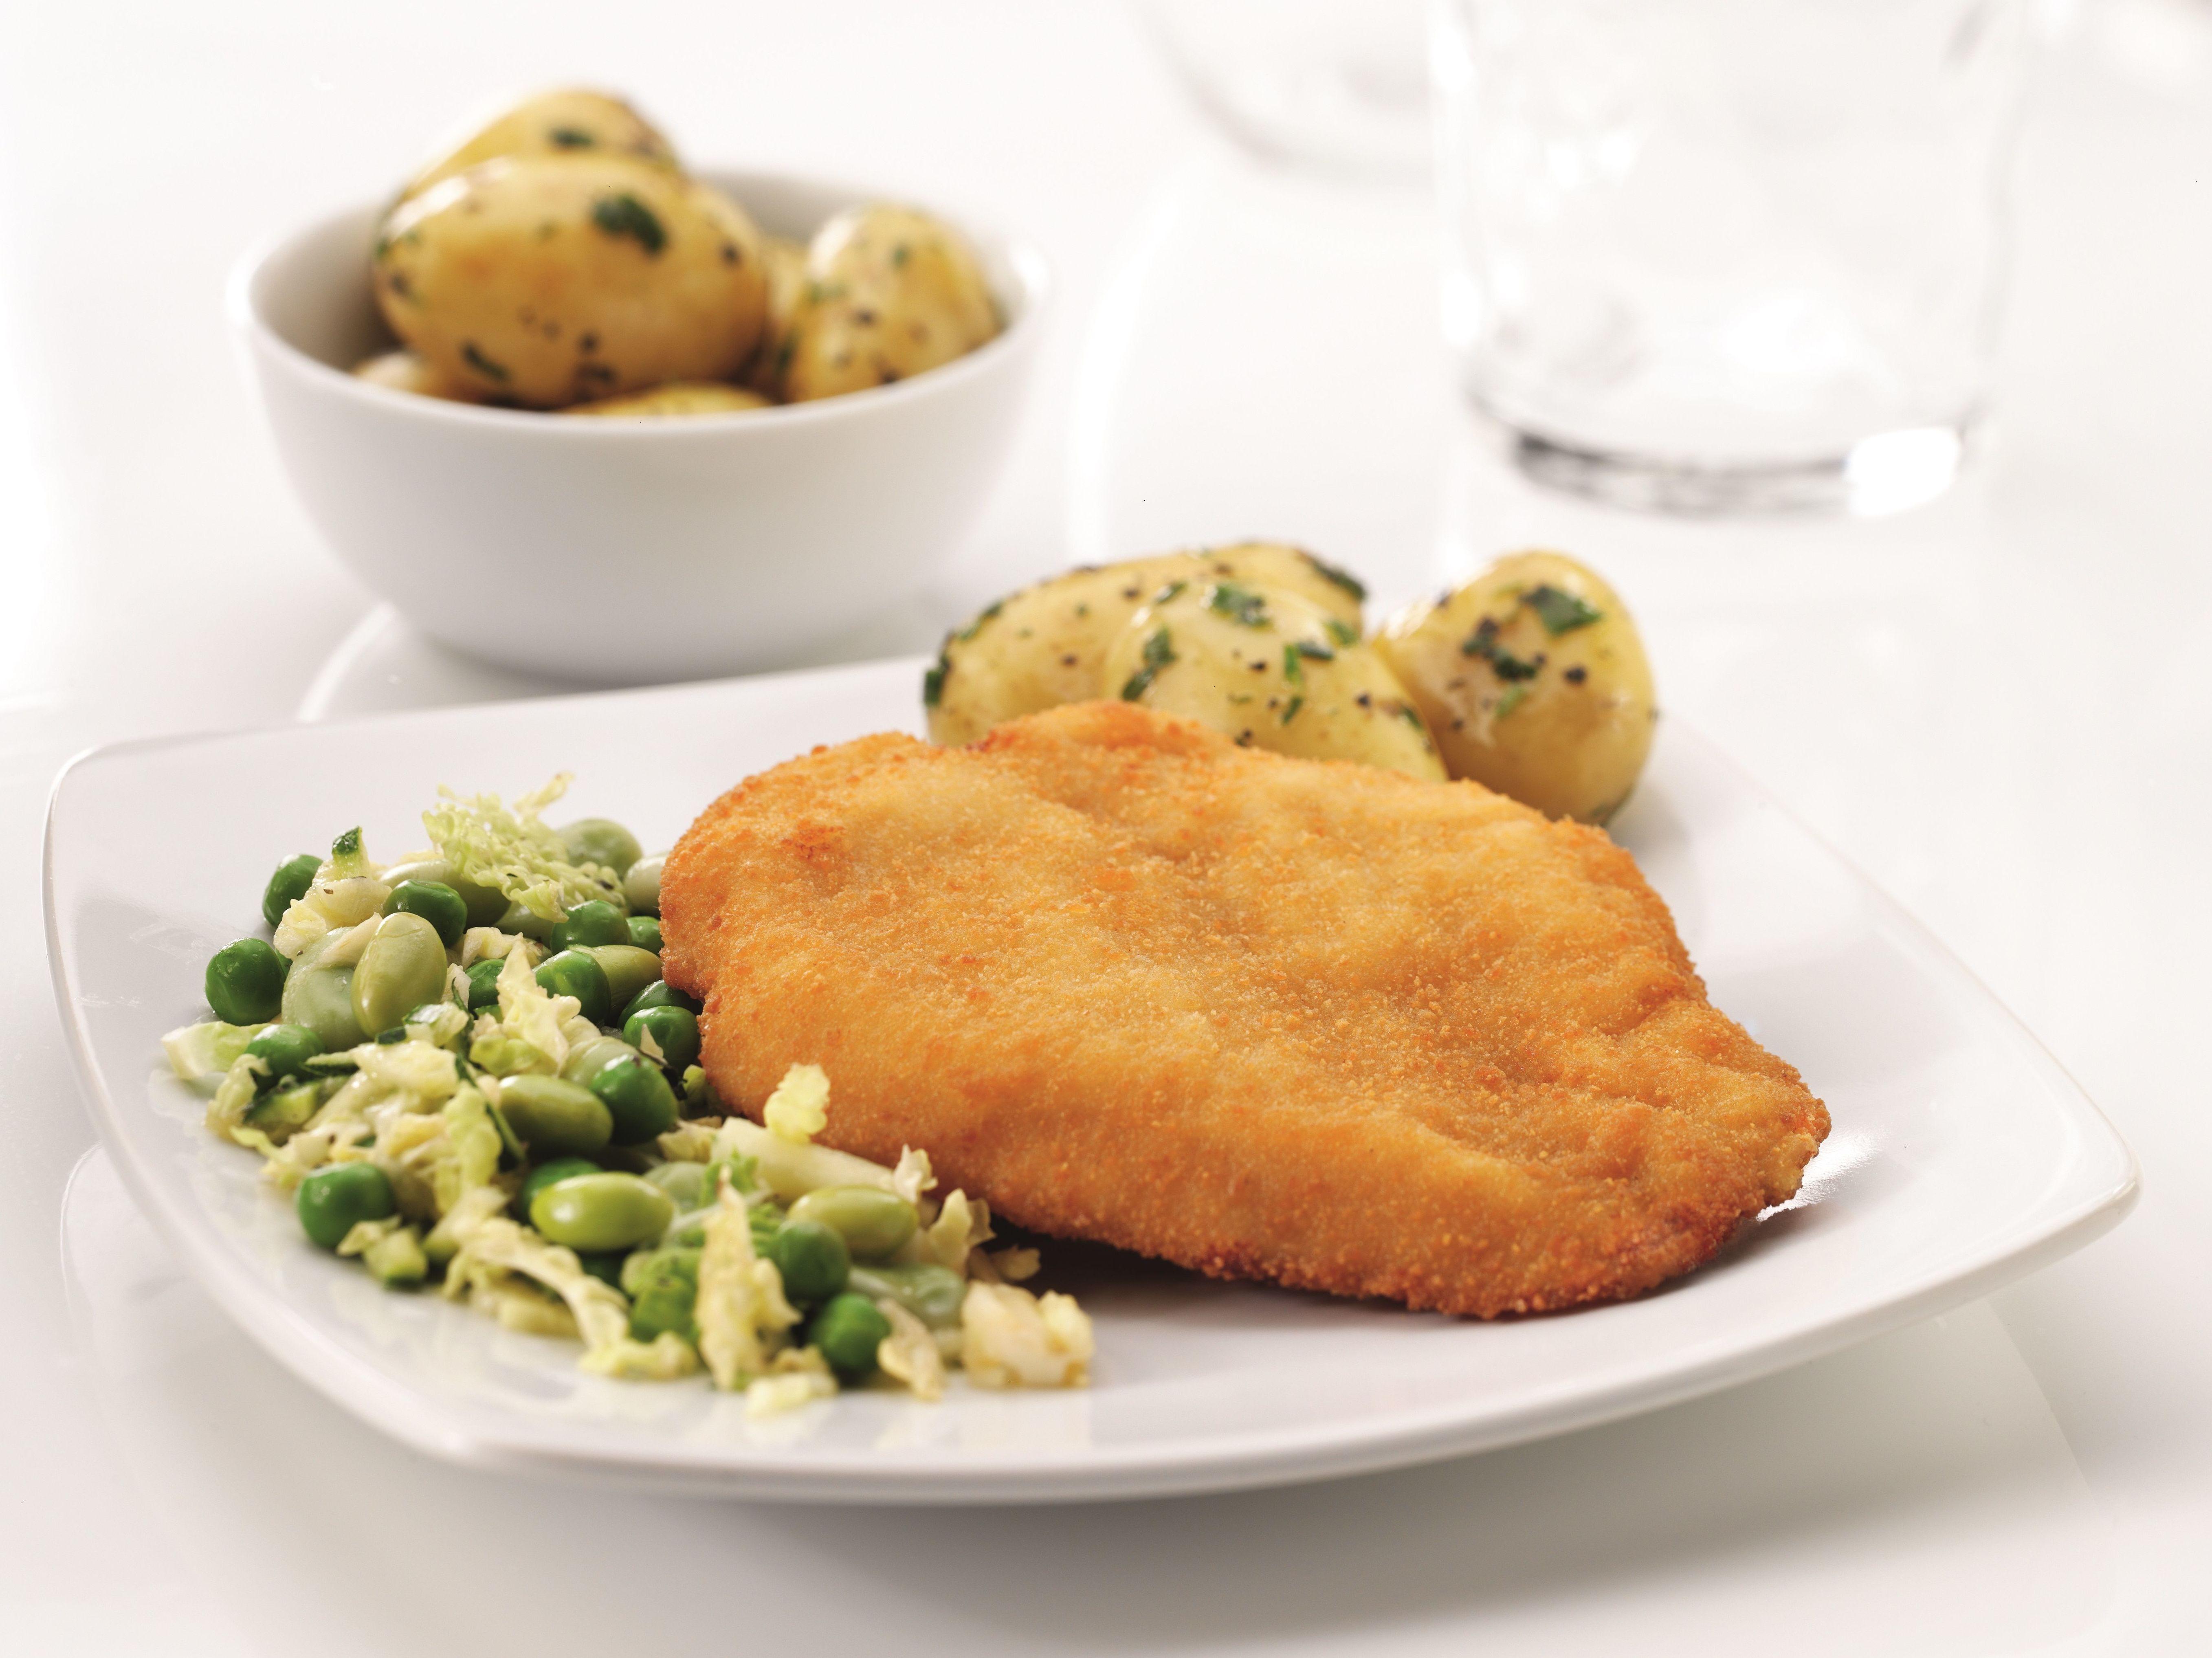 Pechuga de pollo natural y empanado: Productos de Riverside